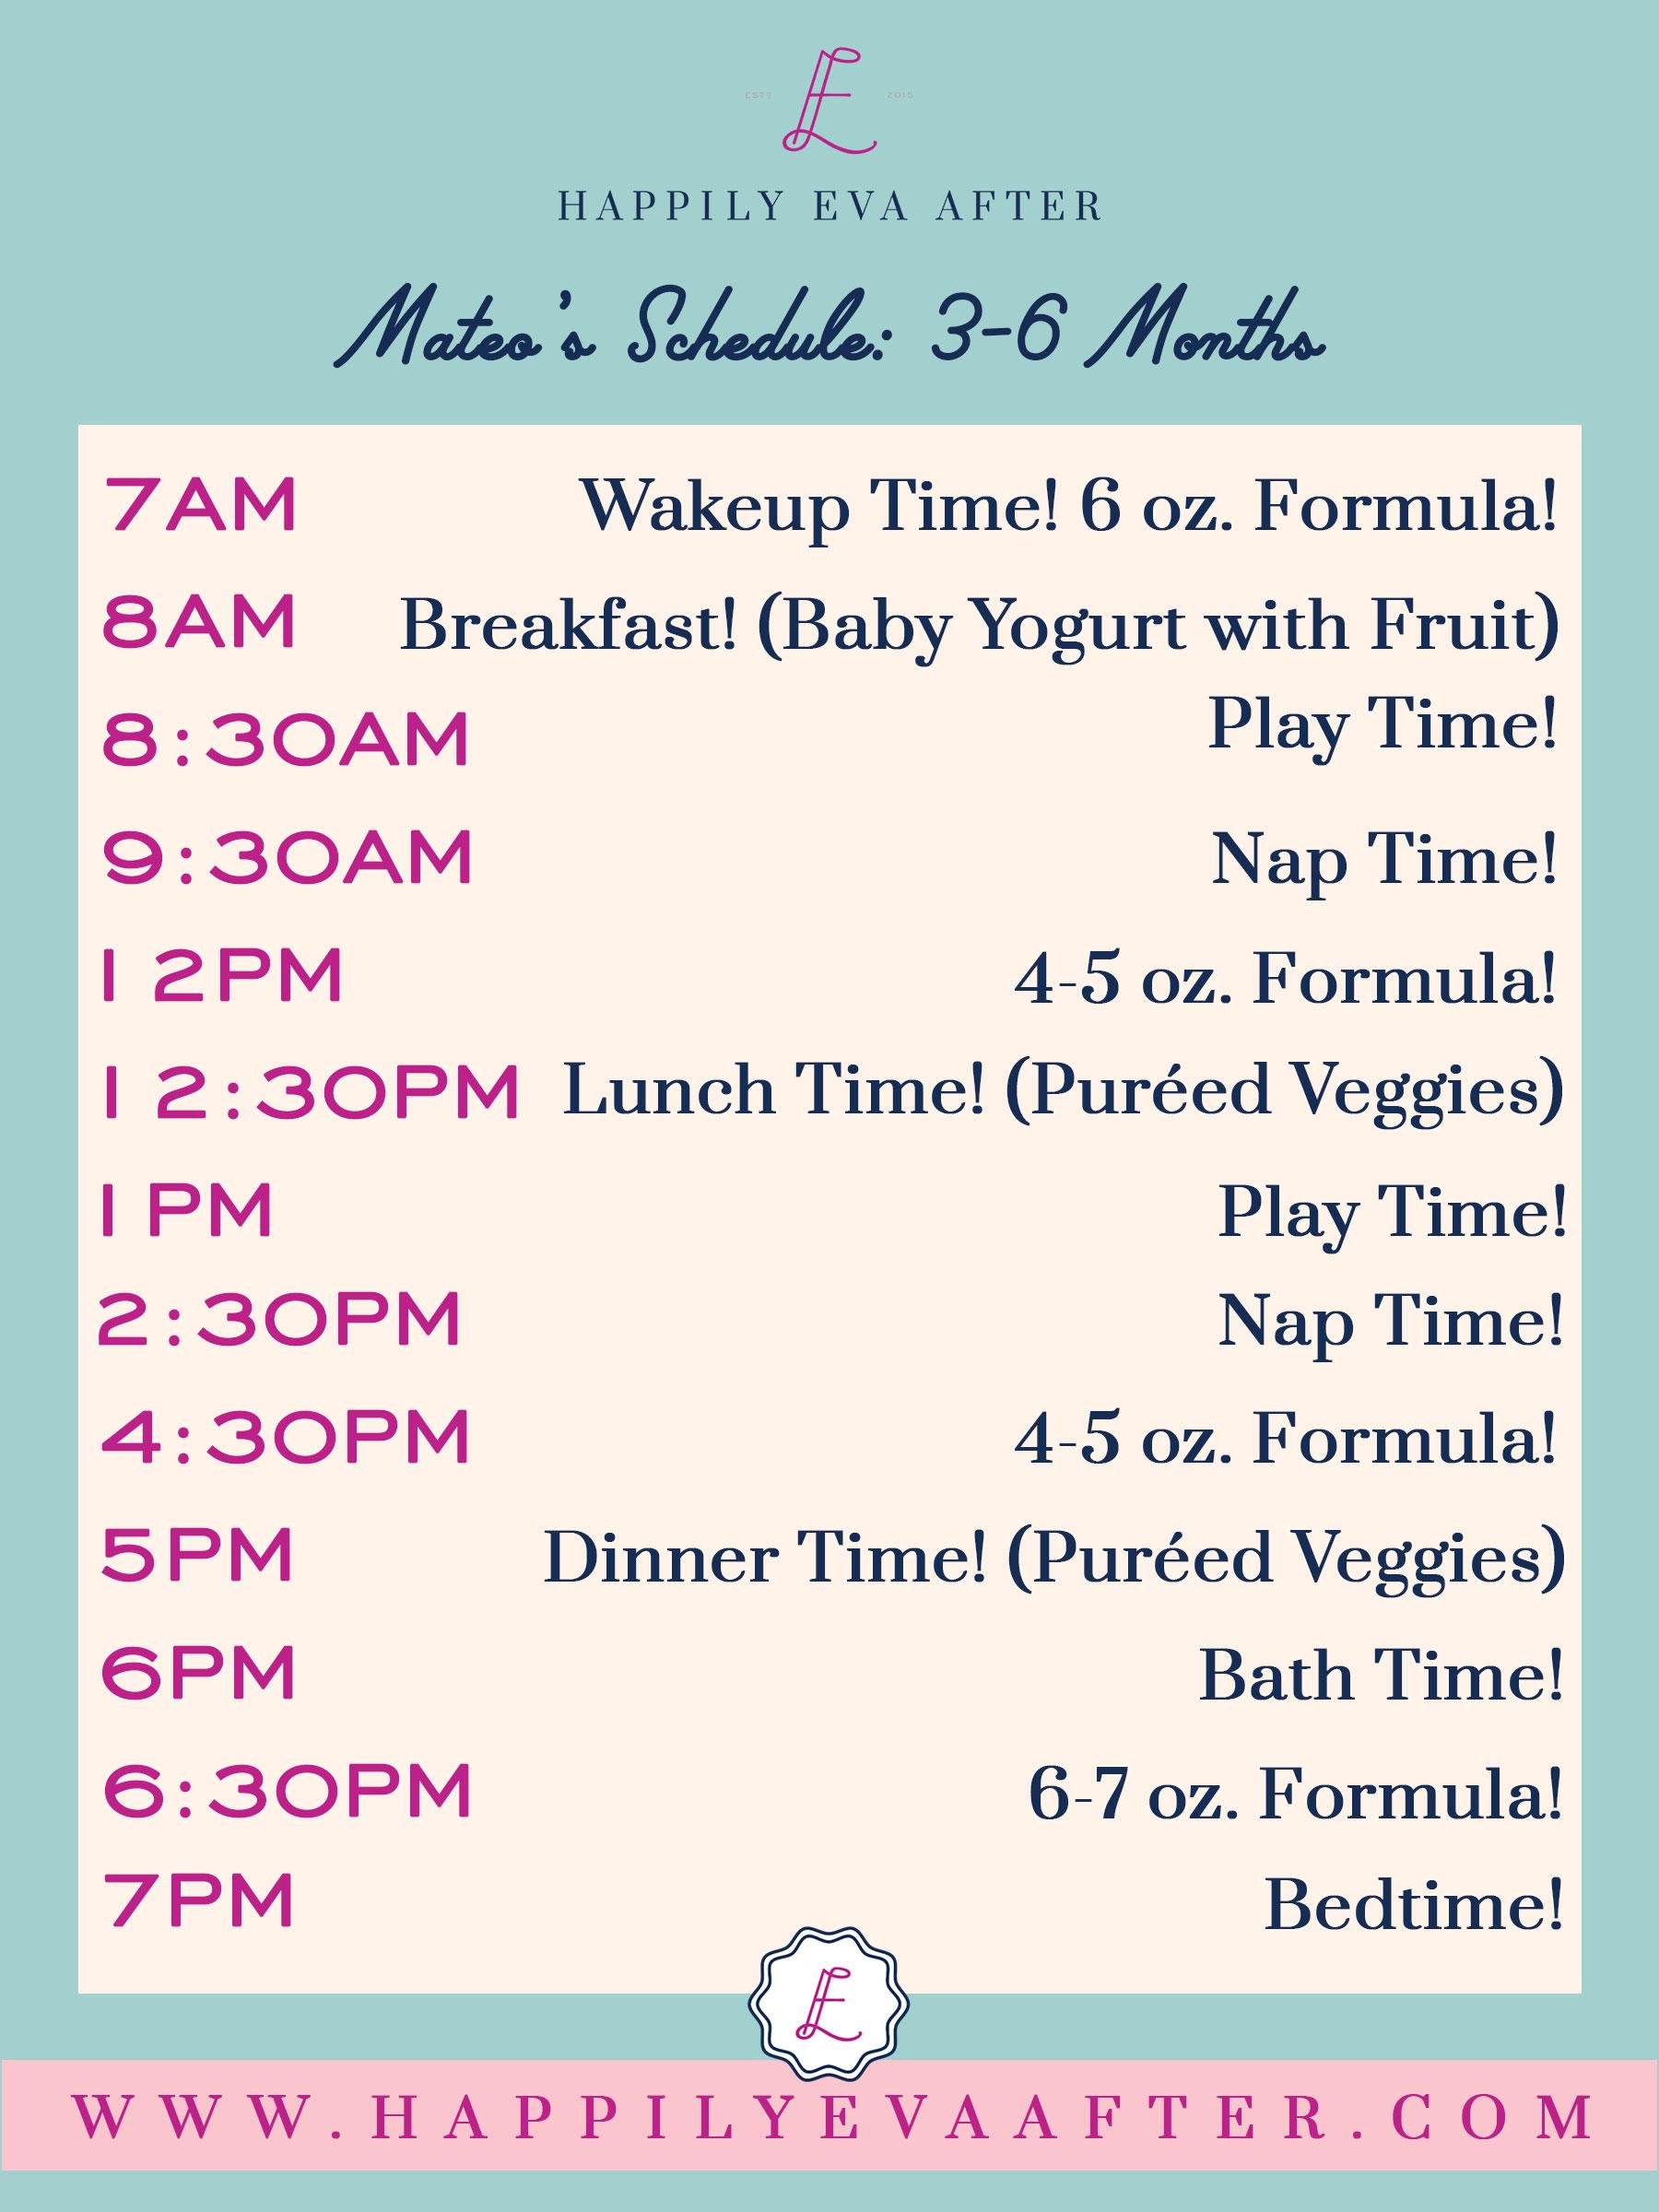 Eva Amurri shares her baby schedule for 3-6 months